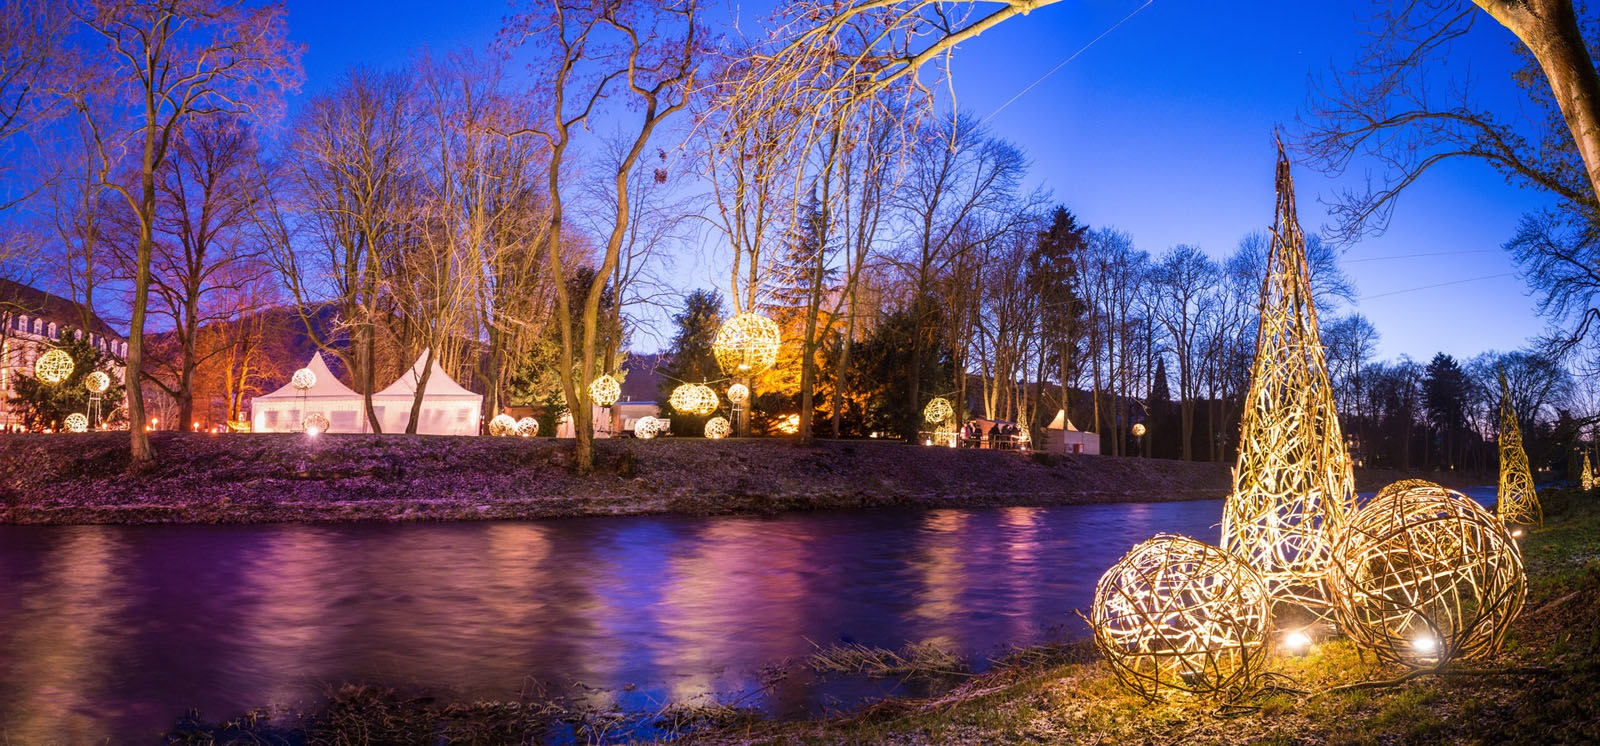 Uferlichter in BadNeuenahr-Ahrweiler, Fotograph: Dominik Ketz